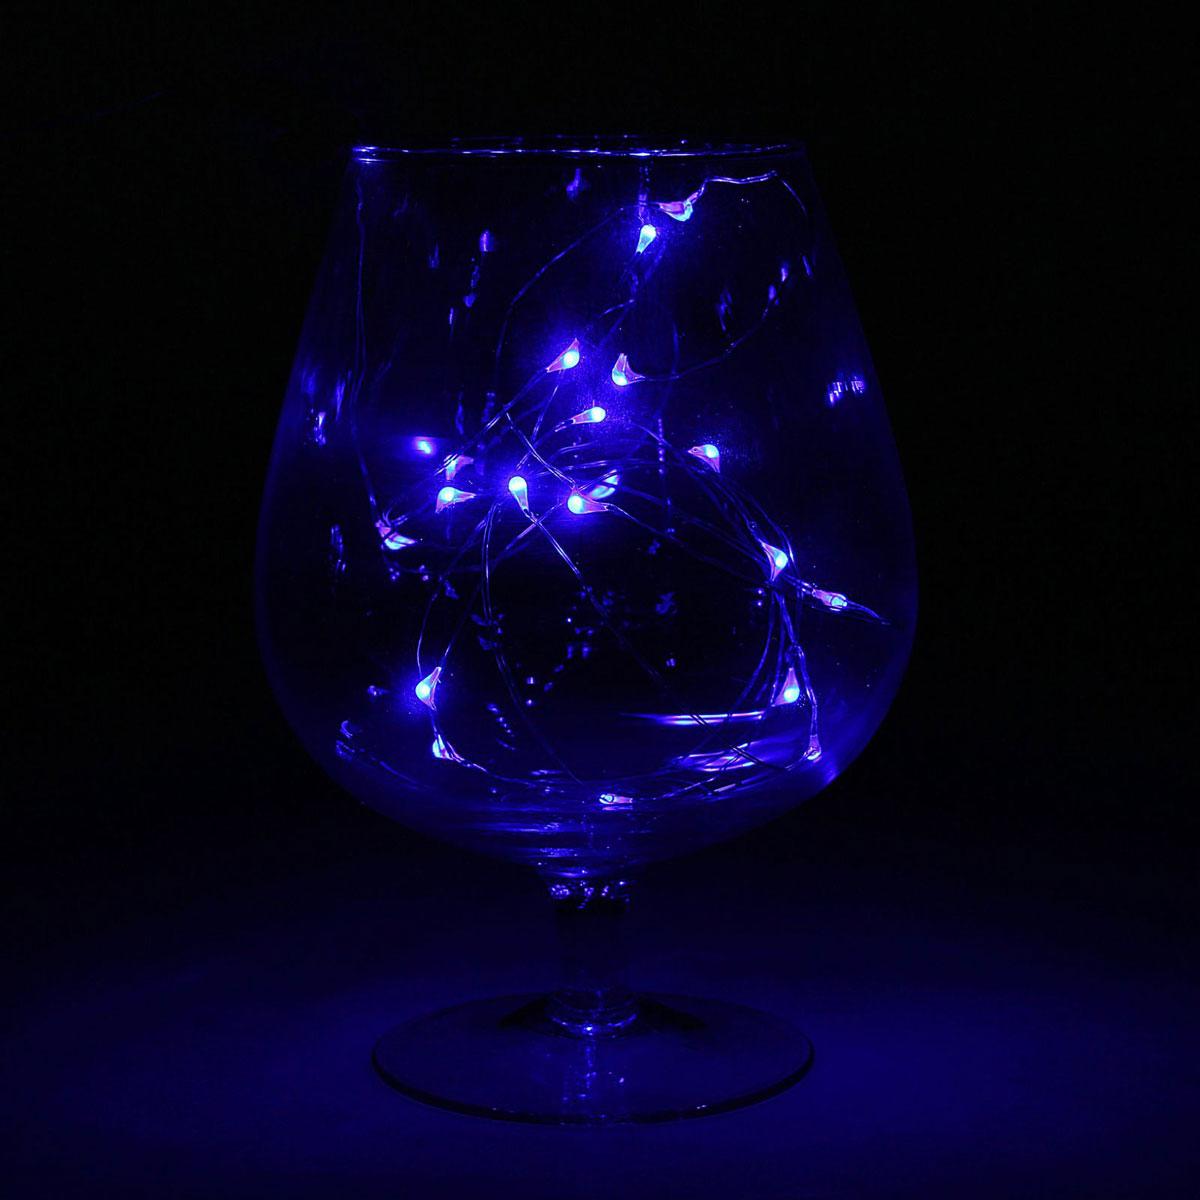 Гирлянда светодиодная Luazon Метраж. Капля росы, цвет: синий, 20 ламп, 2 режима, 3,6 V, длина 2 м. 10805821080582Светодиодные гирлянды и ленты — это отличный вариант для новогоднего оформления интерьера или фасада. С их помощью помещение любого размера можно превратить в праздничный зал, а внешние элементы зданий, украшенные ими, мгновенно станут напоминать очертания сказочного дворца. Такие украшения создают ауру предвкушения чуда. Деревья, фасады, витрины, окна и арки будто специально созданы, чтобы вы украсили их светящимися нитями.